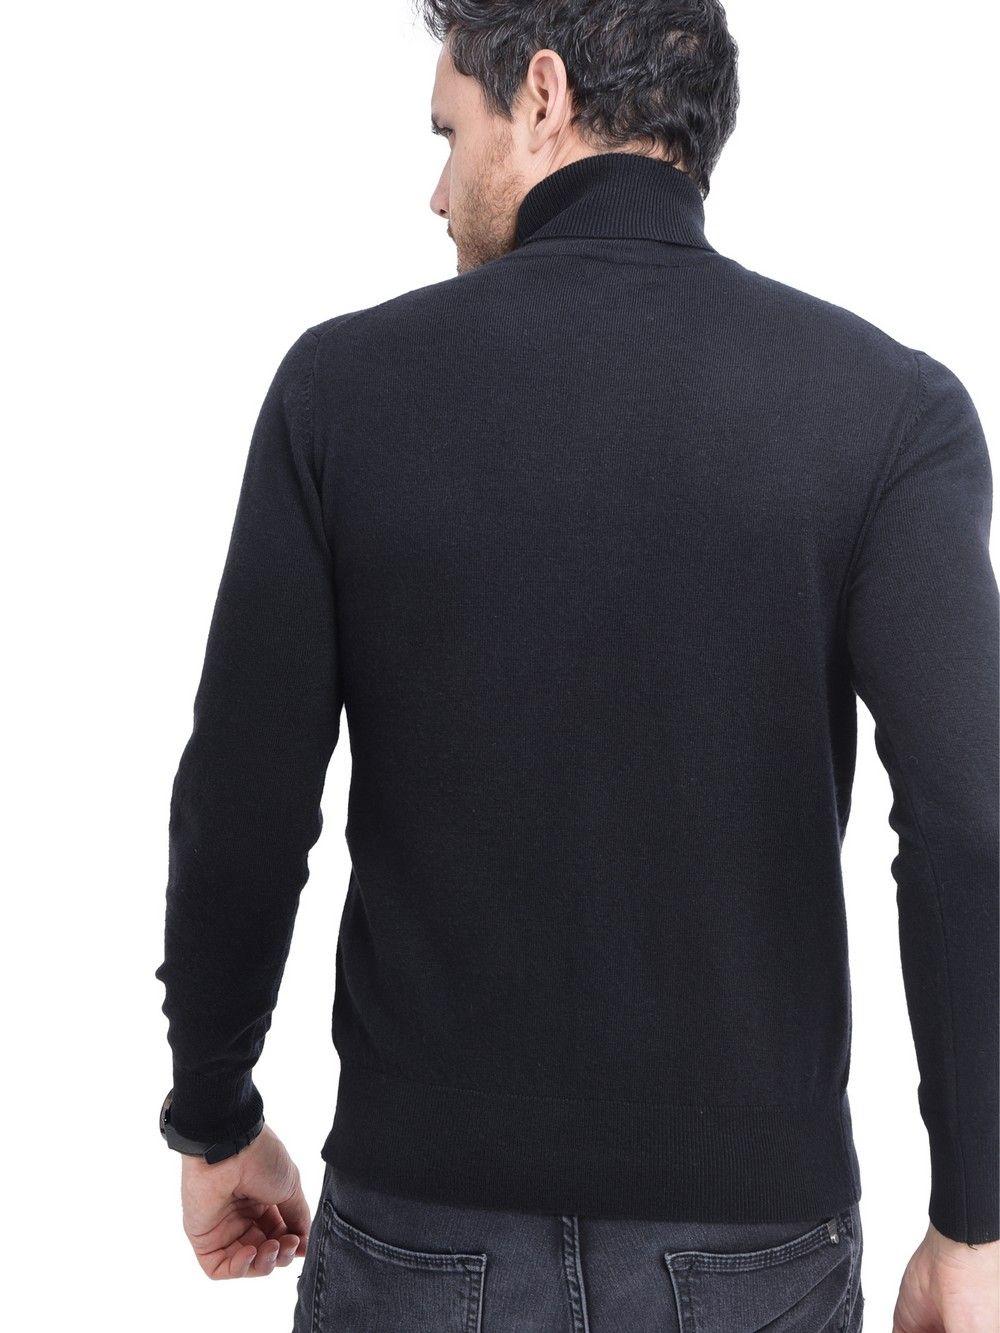 C&JO Turtleneck Sweater in Black